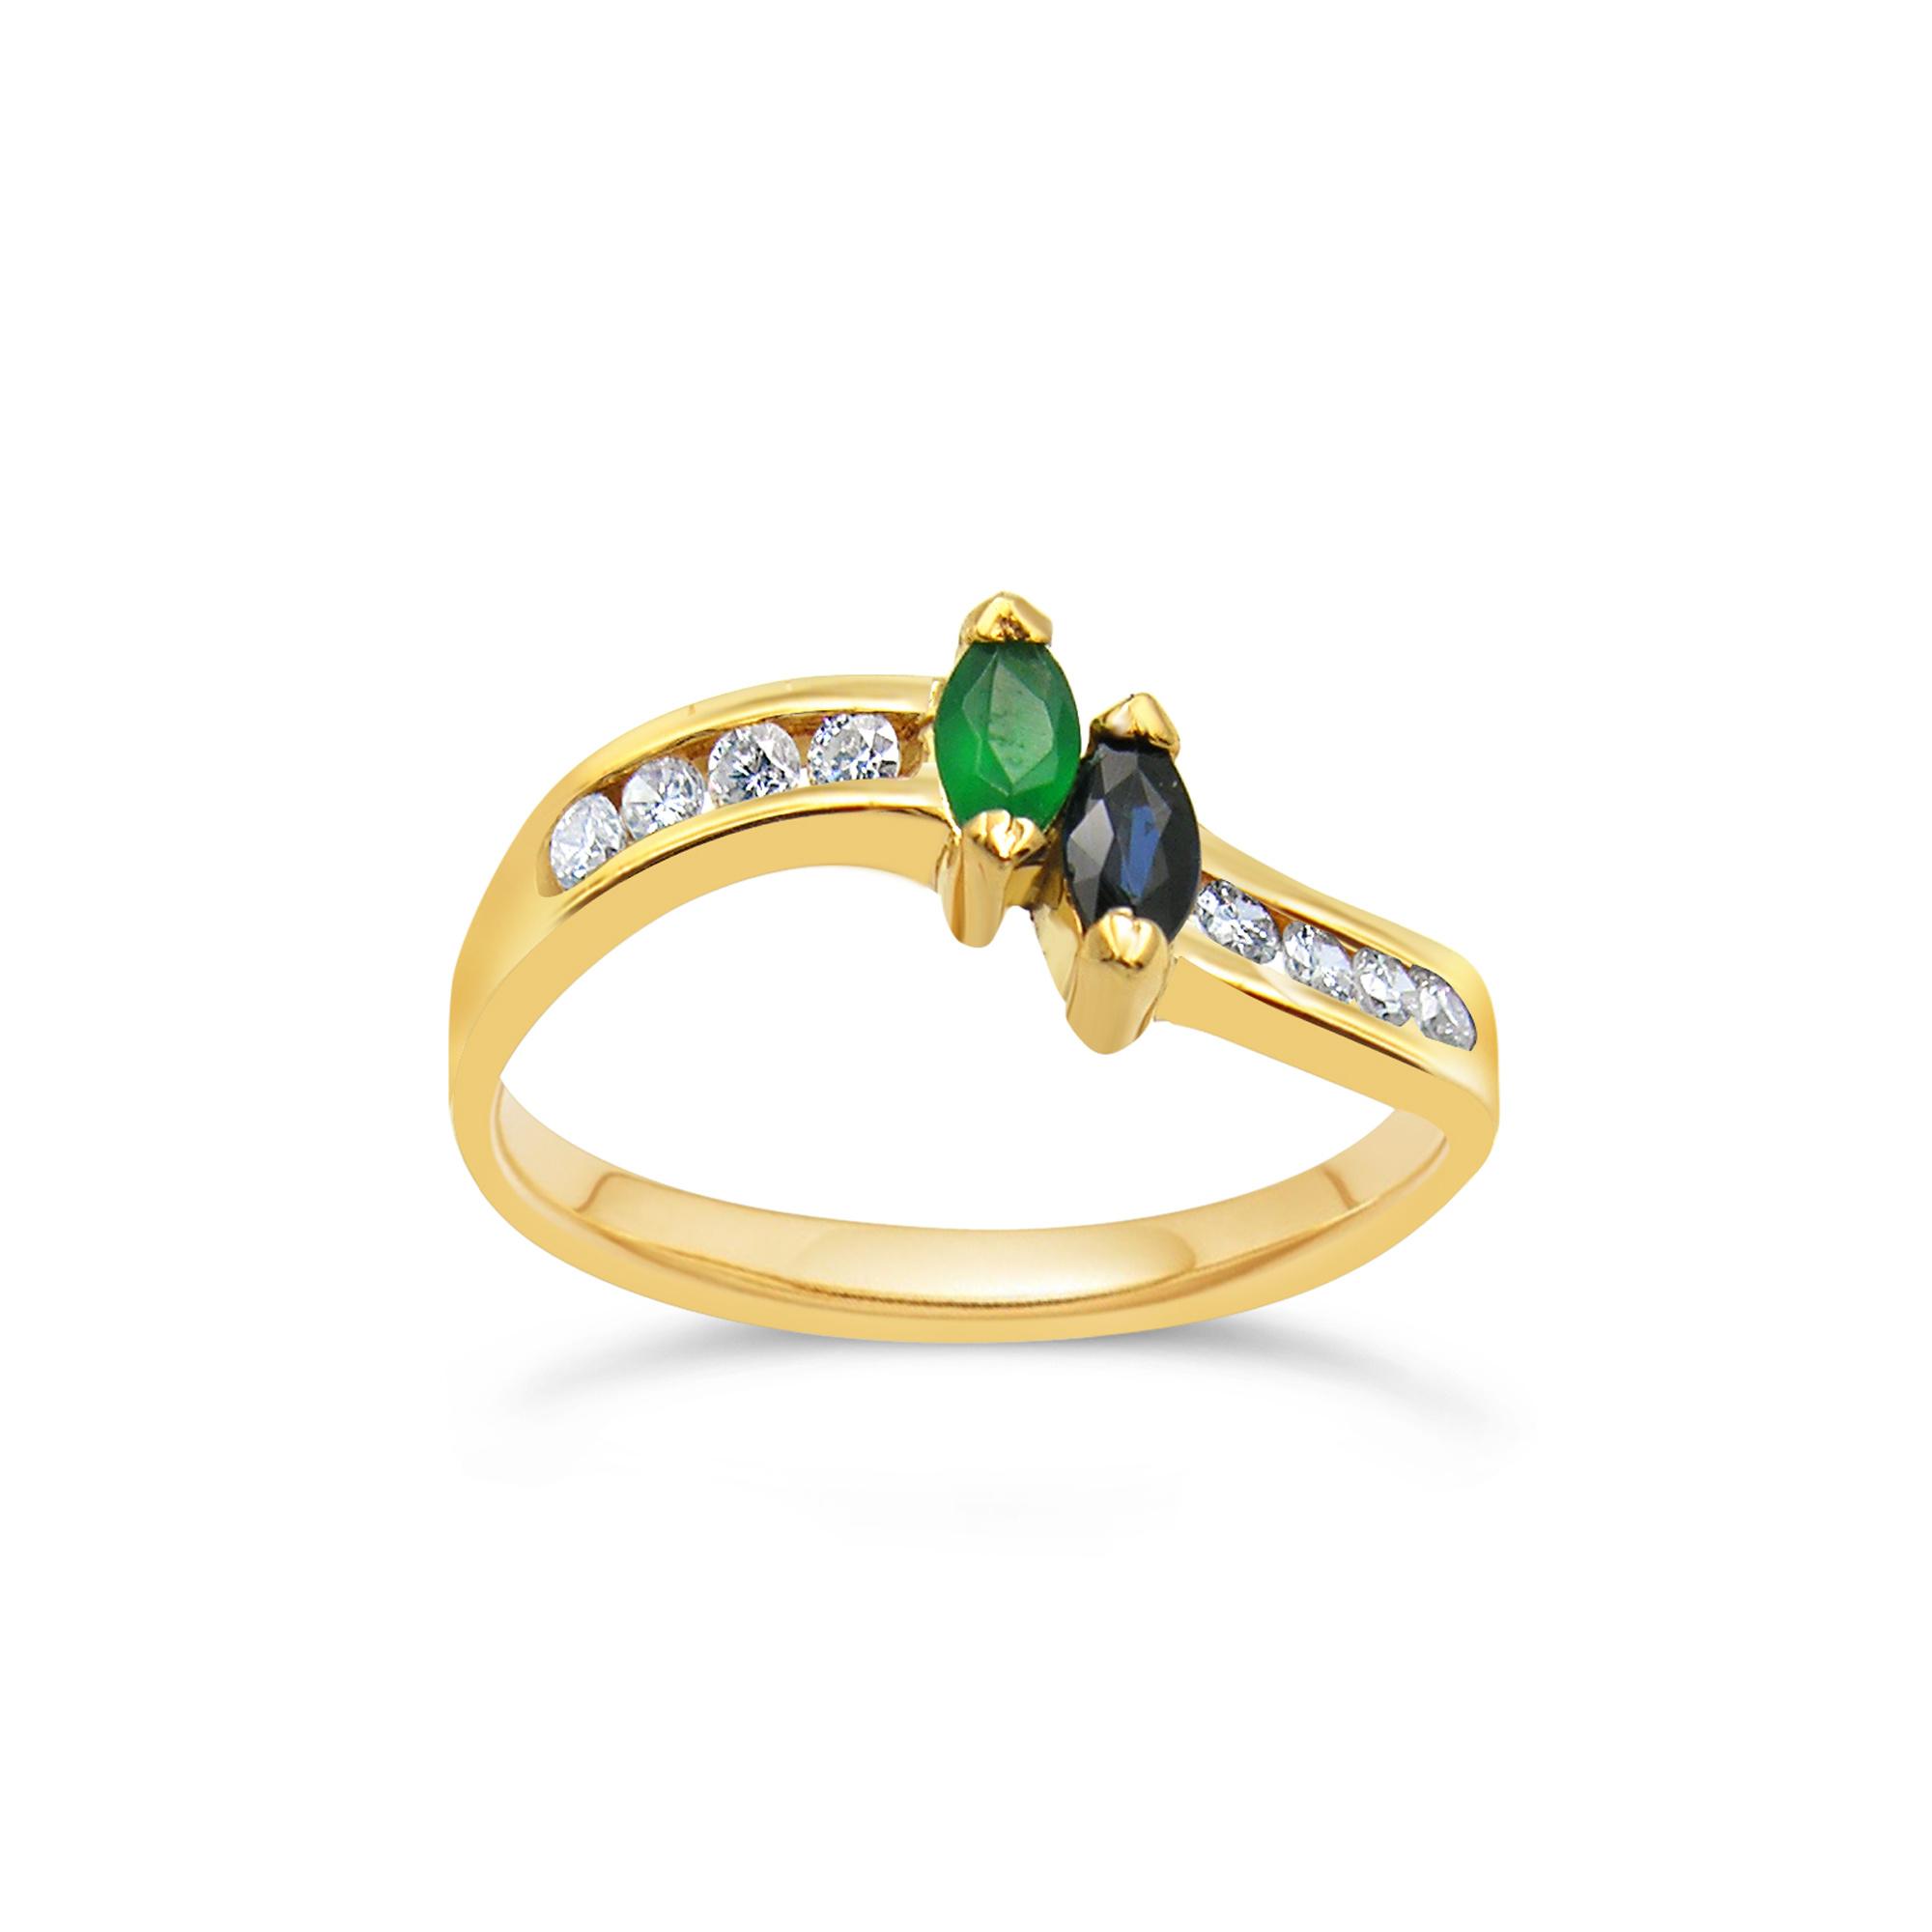 18 karaat geel goud ring met 0.16 ct diamanten & 0.20 ct smaragd & saffier